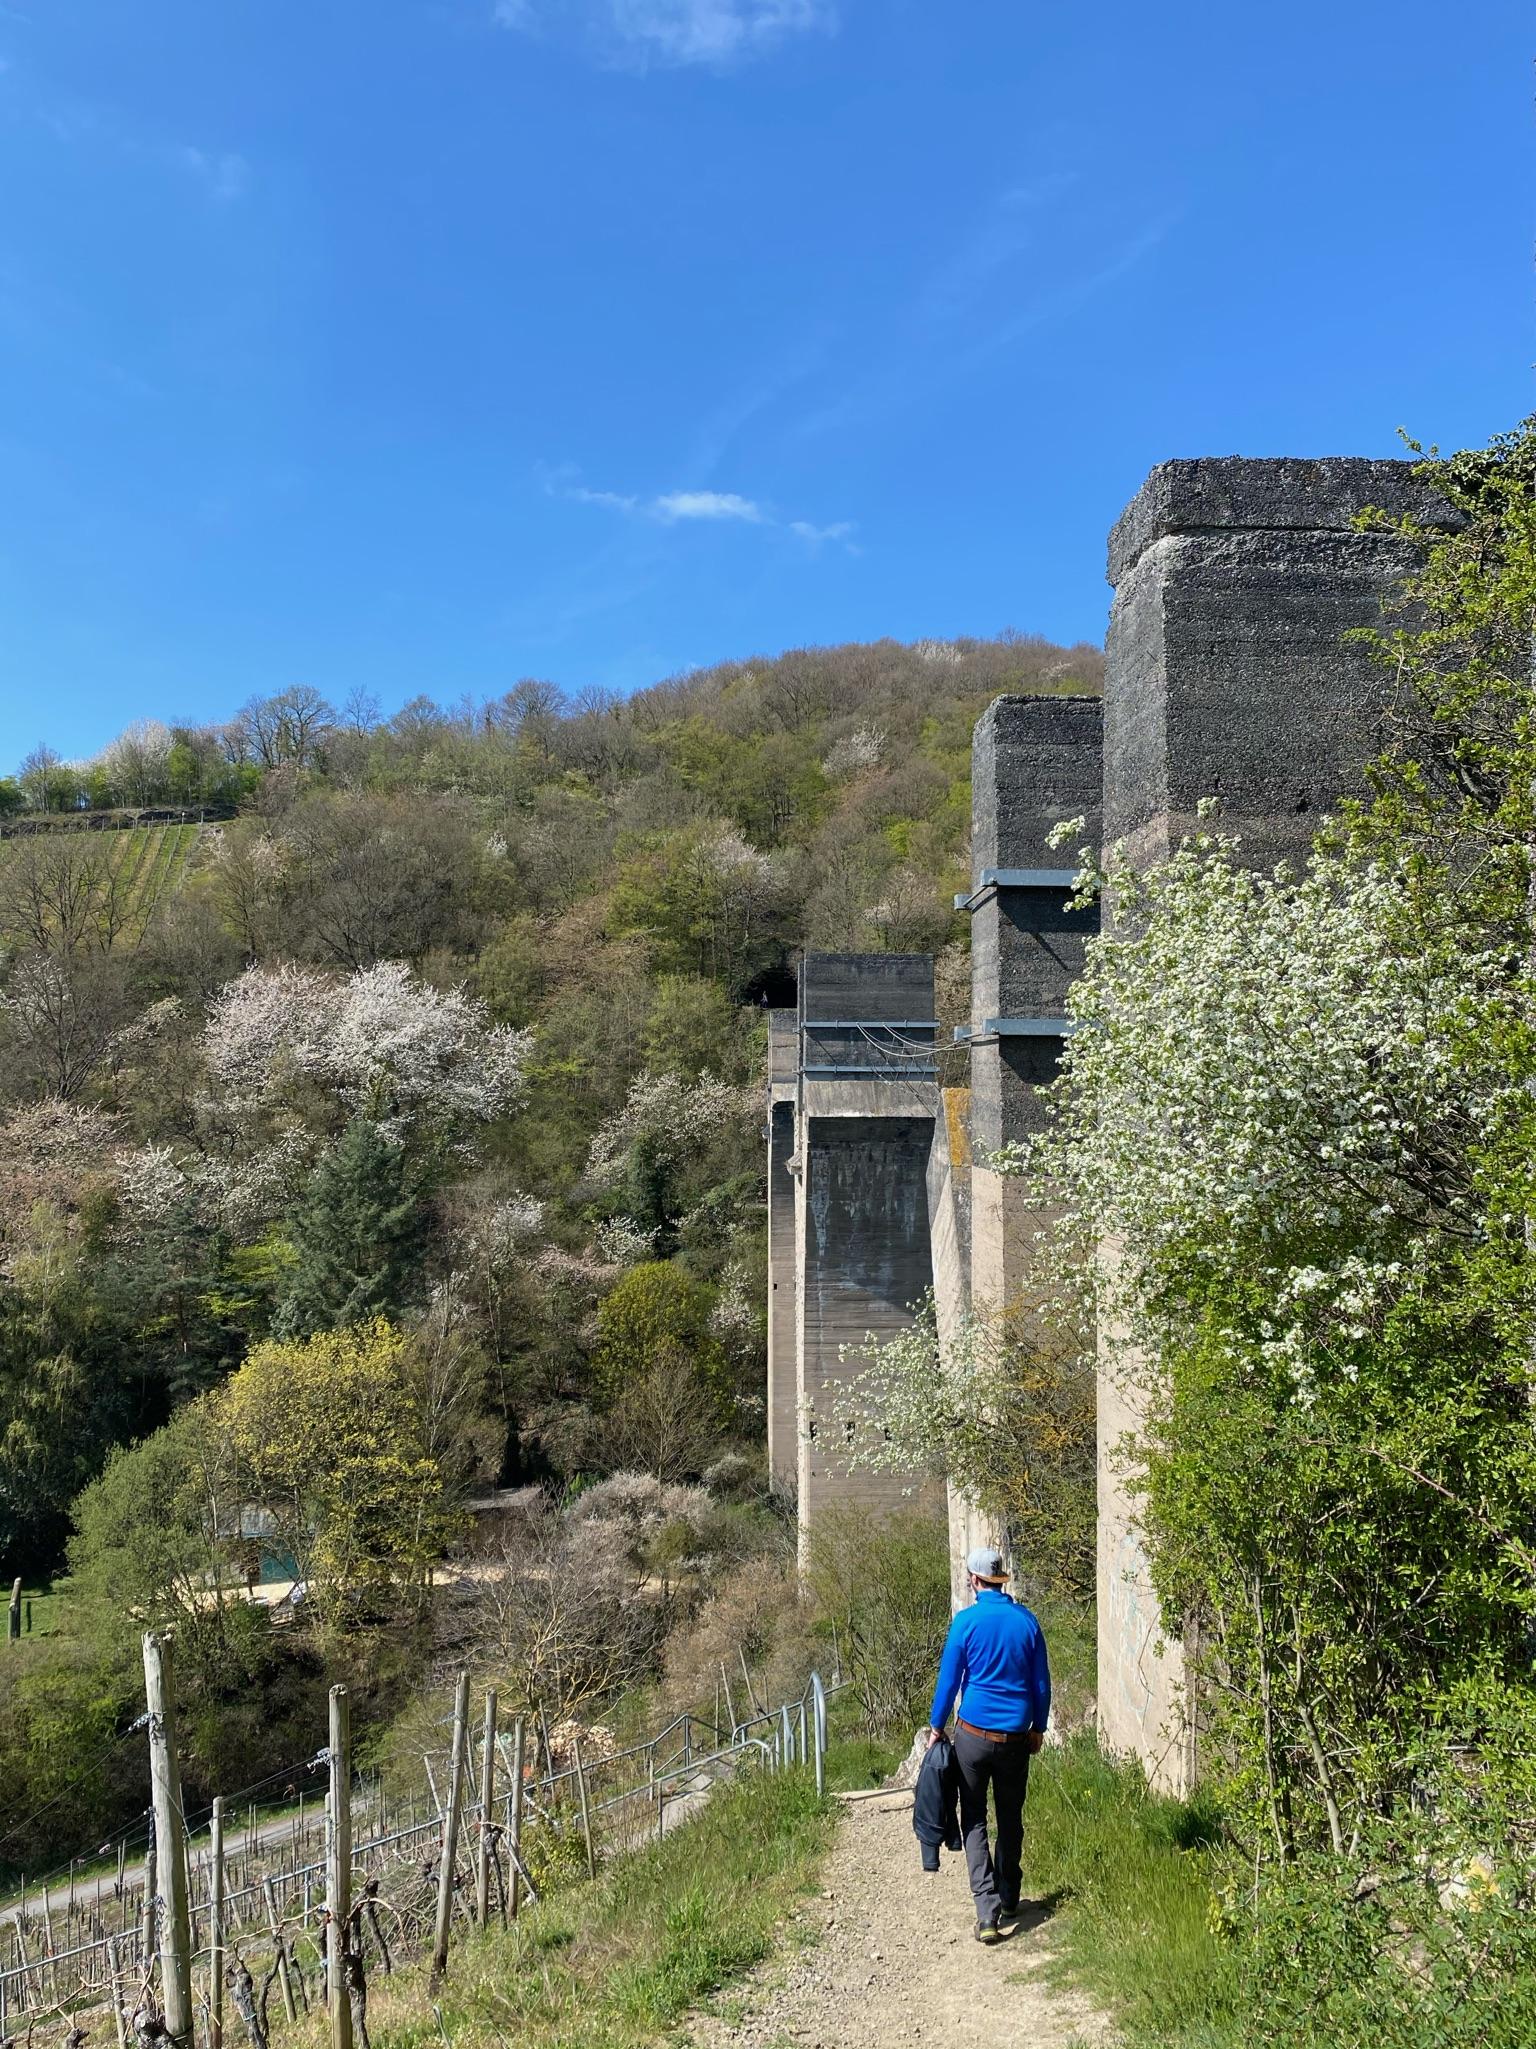 Malte betrachtet das Adenbachviadukt in Ahrweiler